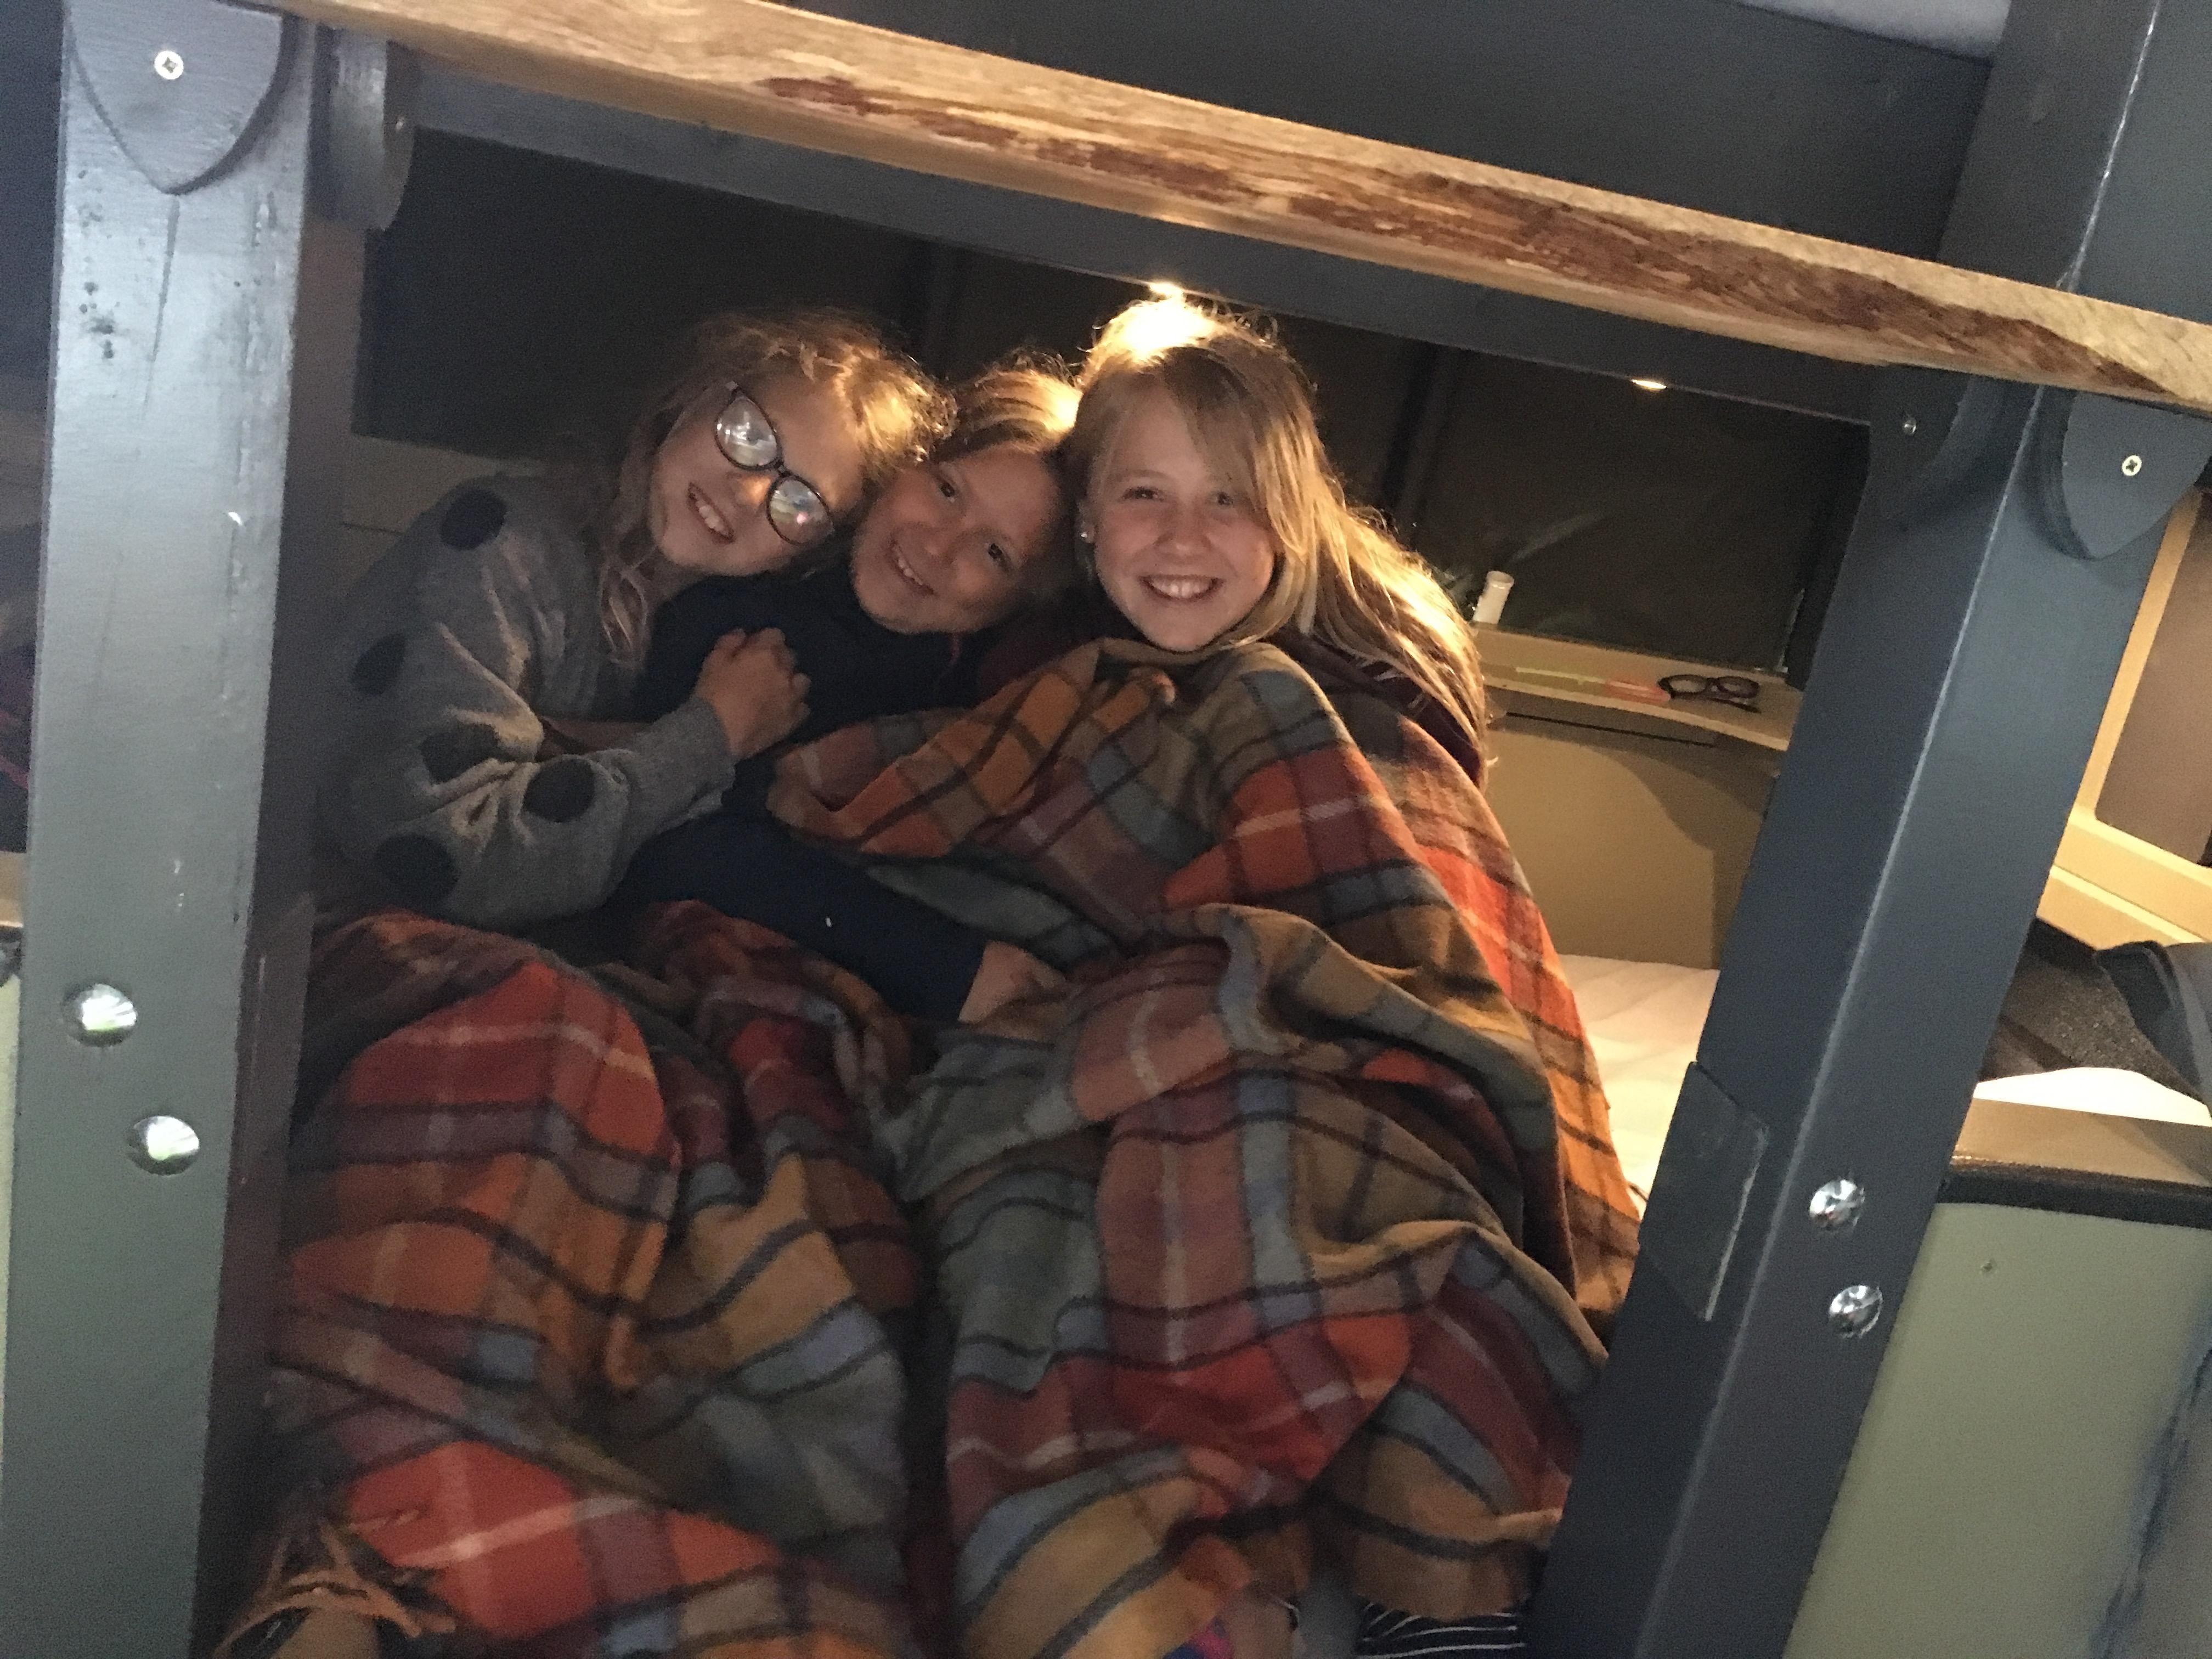 Enjoying the bottom bunk